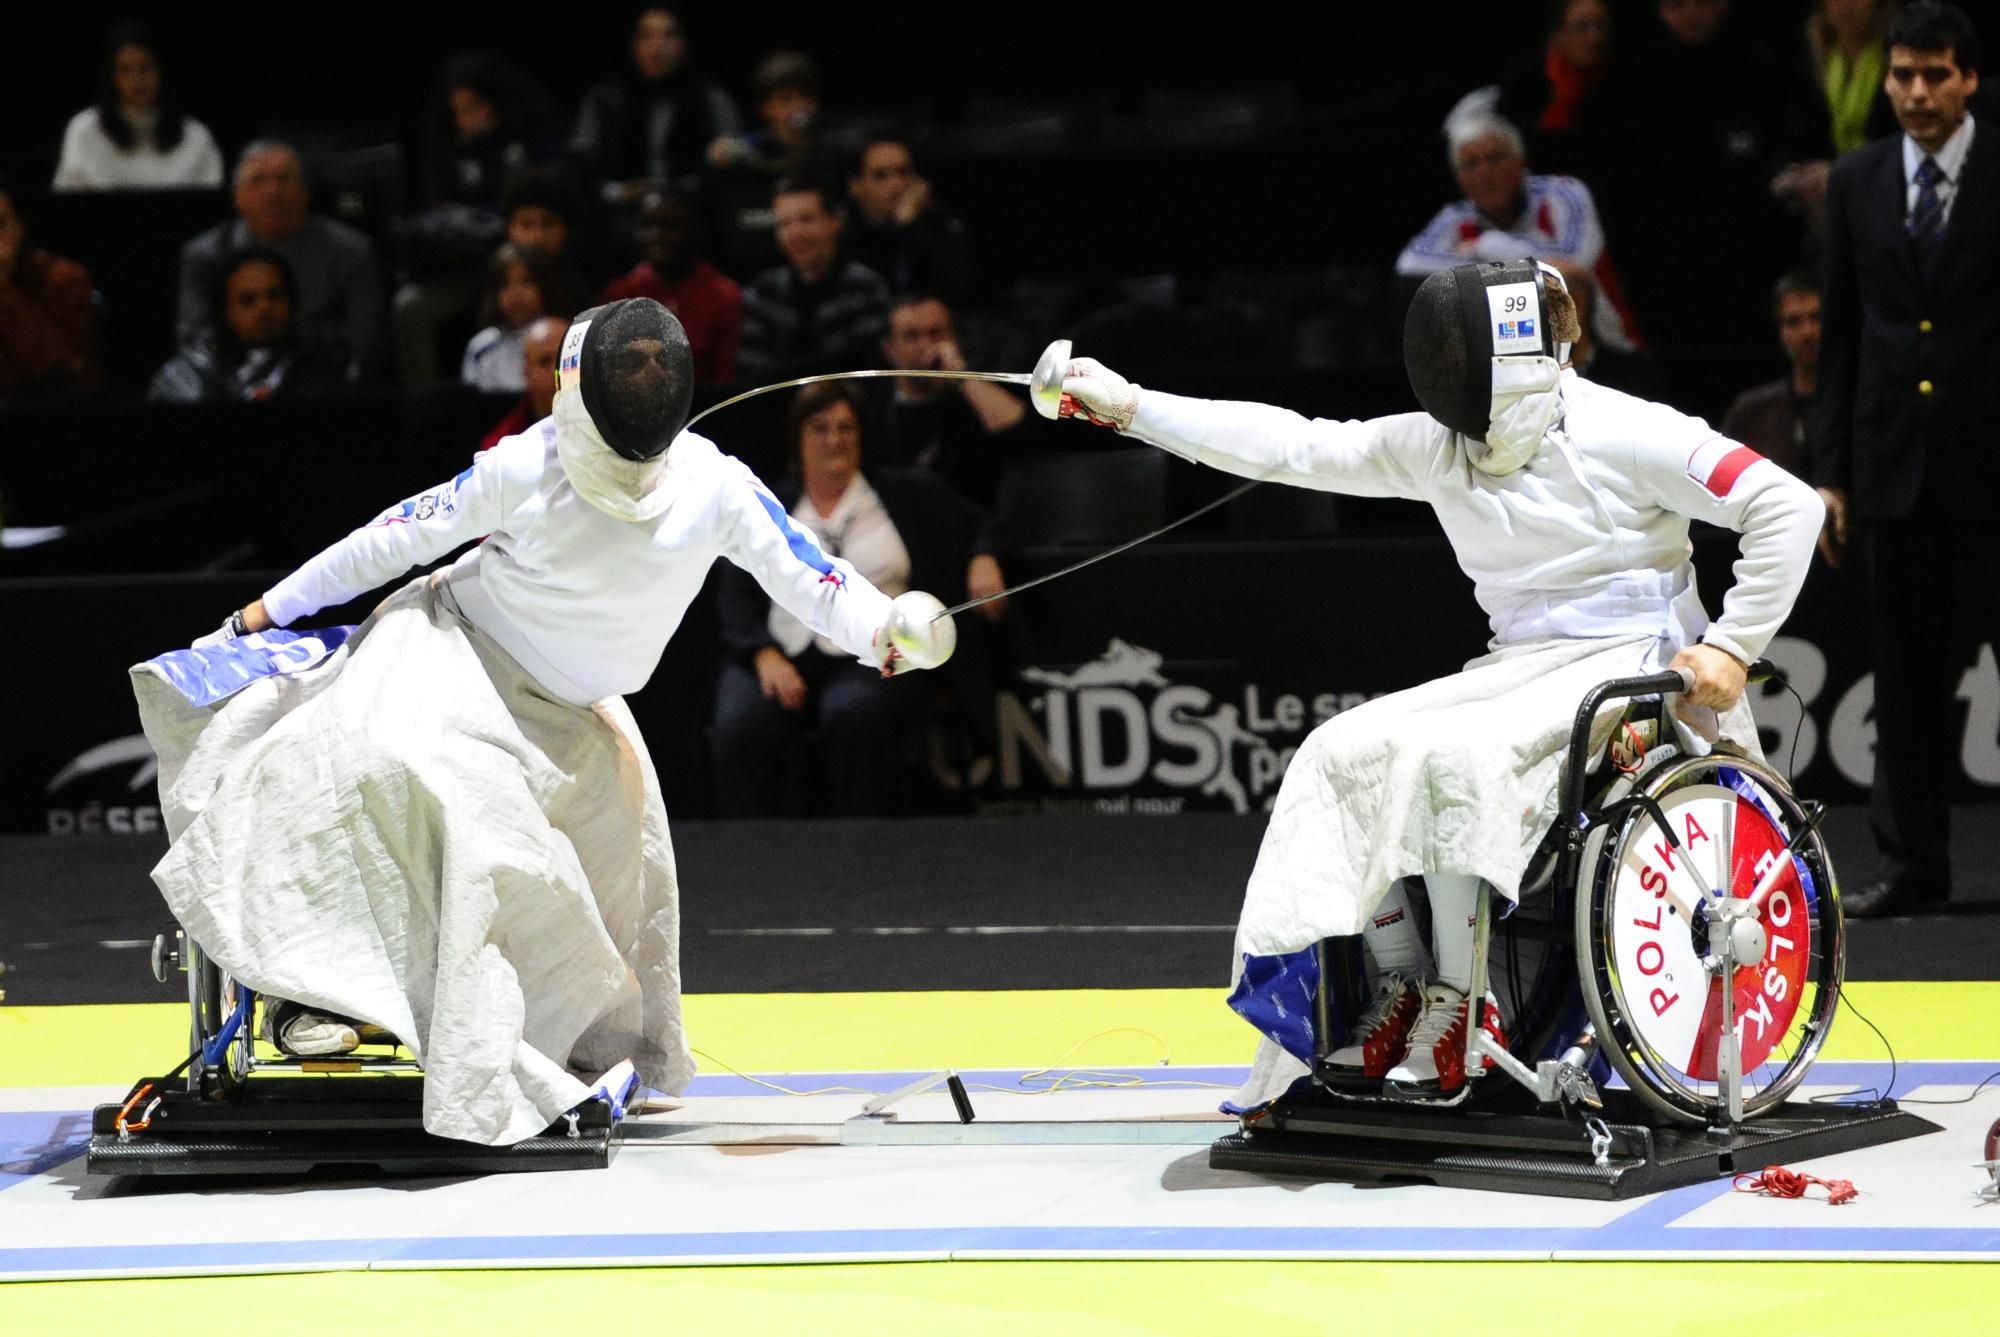 Championnat du Monde d'Escrime Handisport (Paris, FRANCE, 2010) Copyright ALAIN GADOFFRE